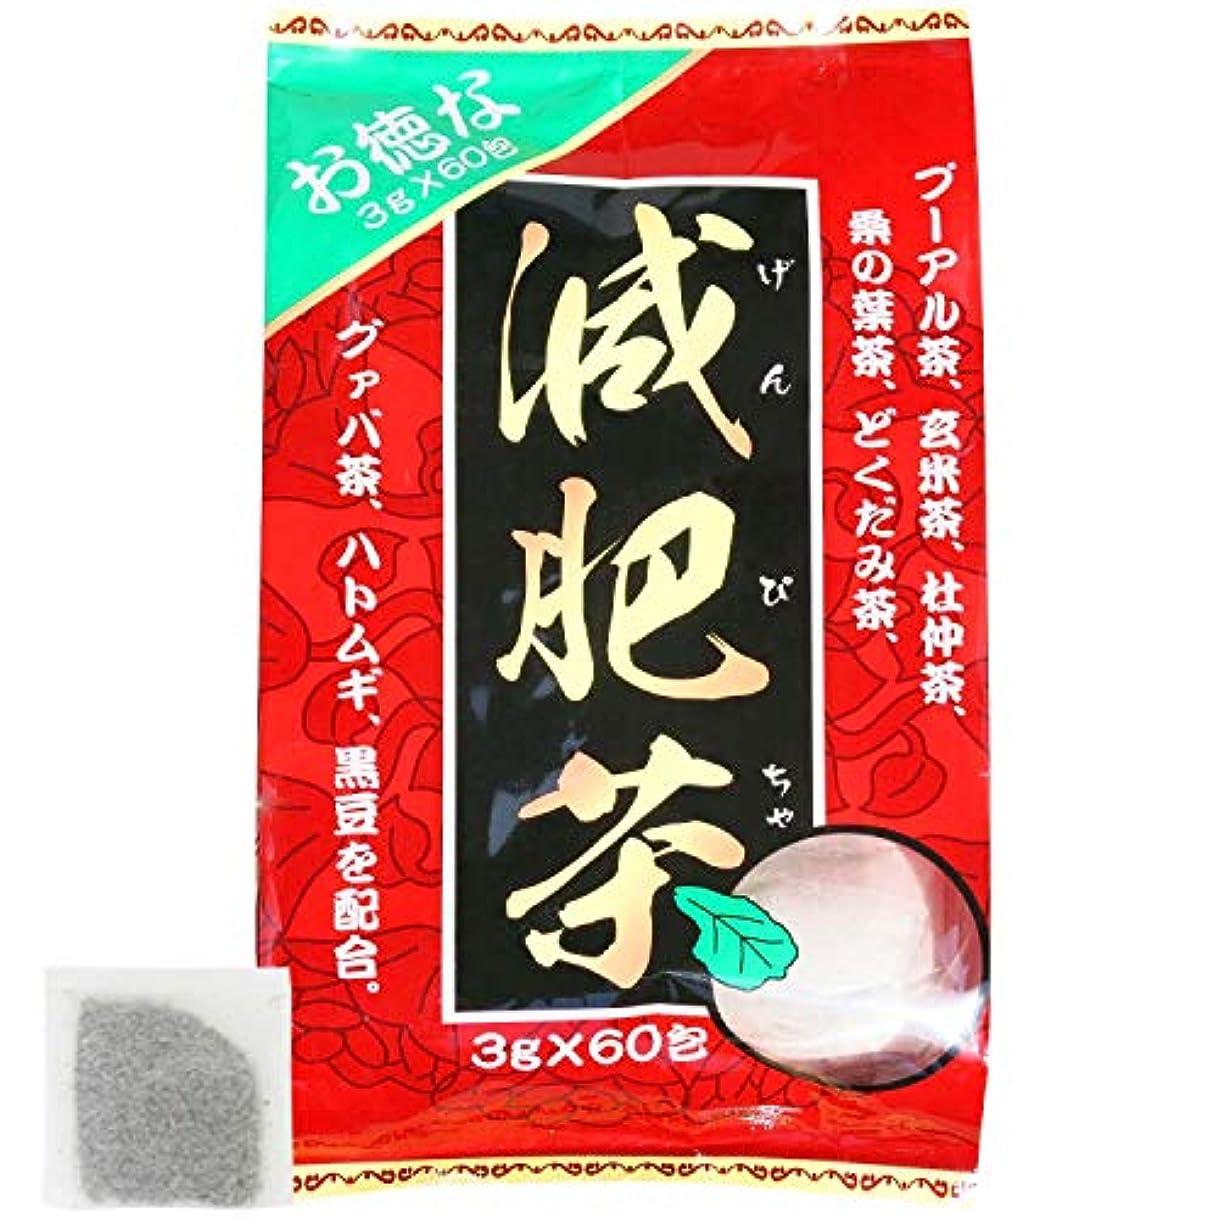 抑圧するホバートファイバユウキ製薬 お徳な減肥茶 30-60日分 3g×60包